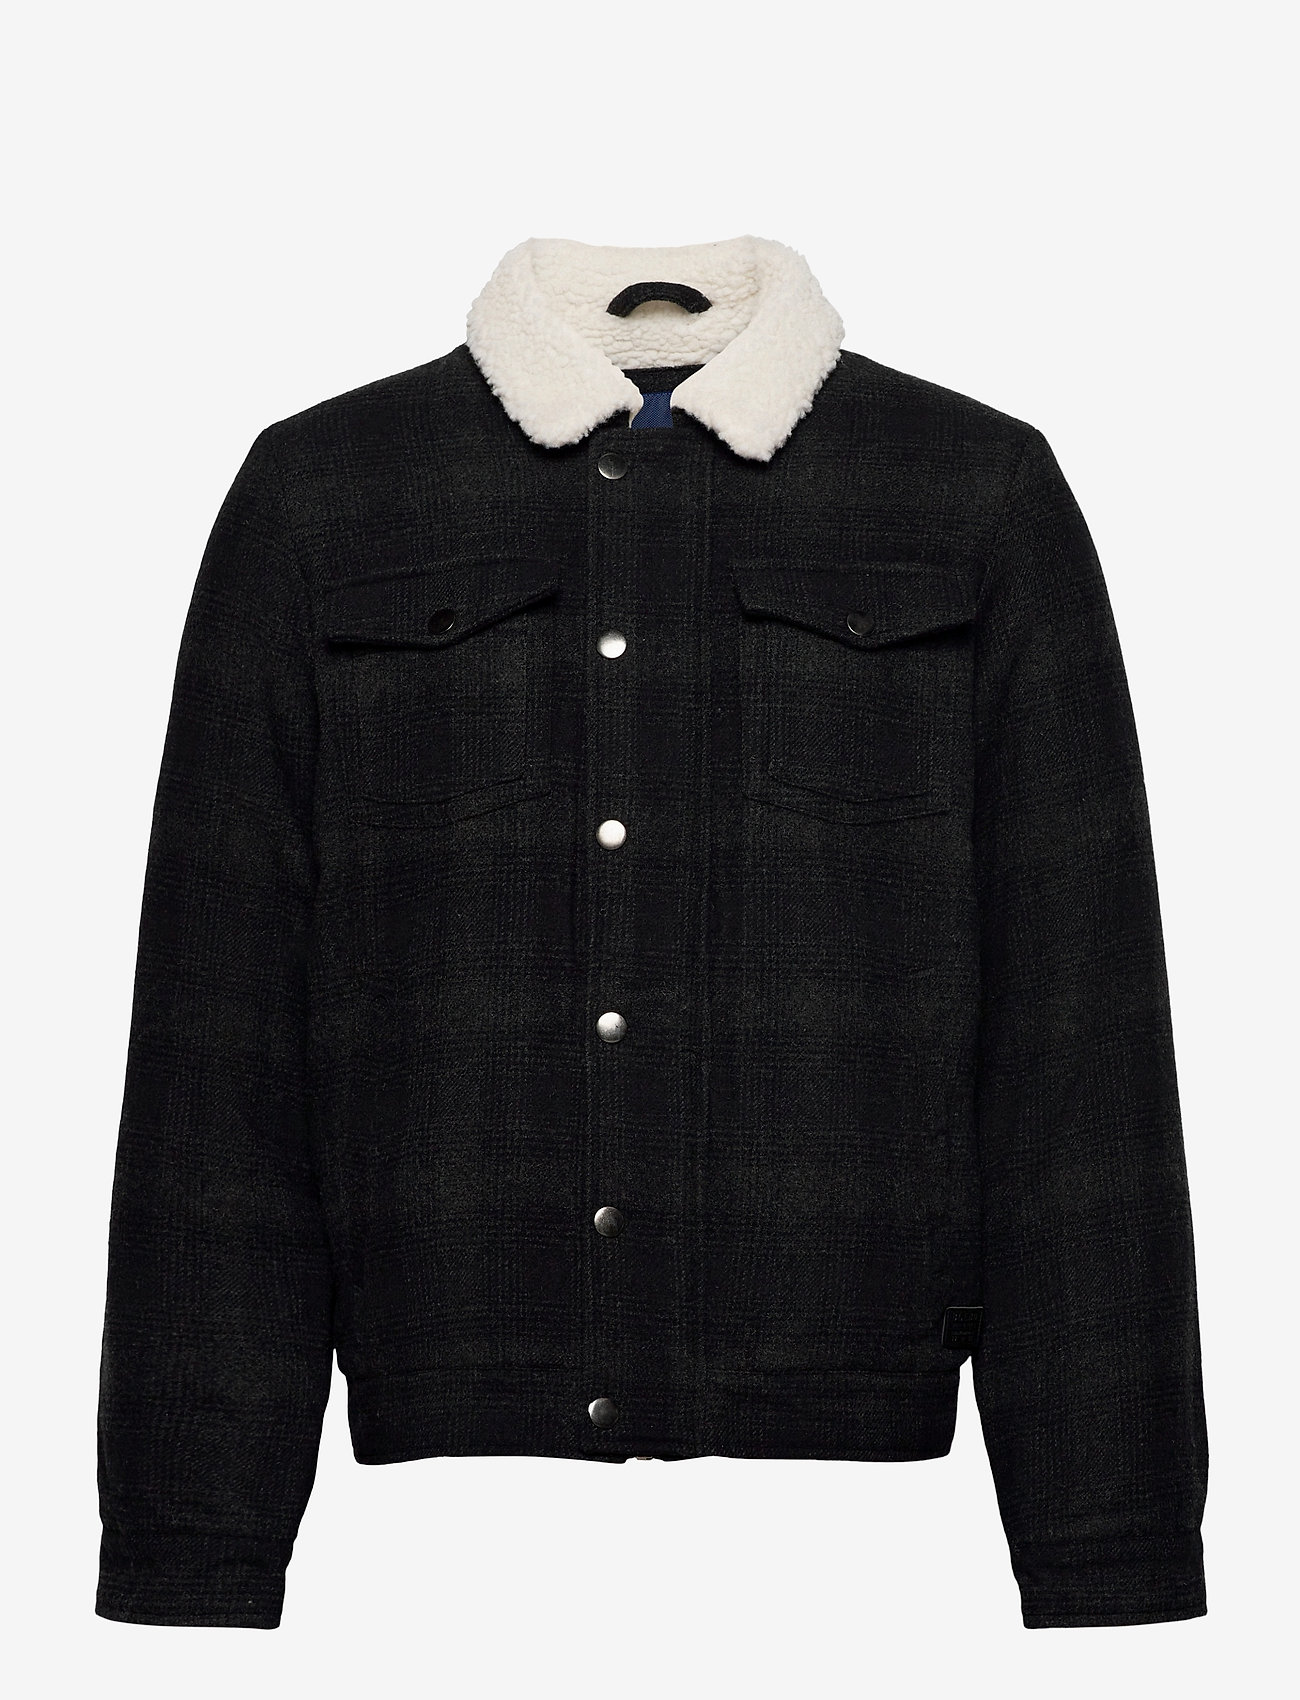 Blend - Outerwear - wollen jassen - dark navy - 0